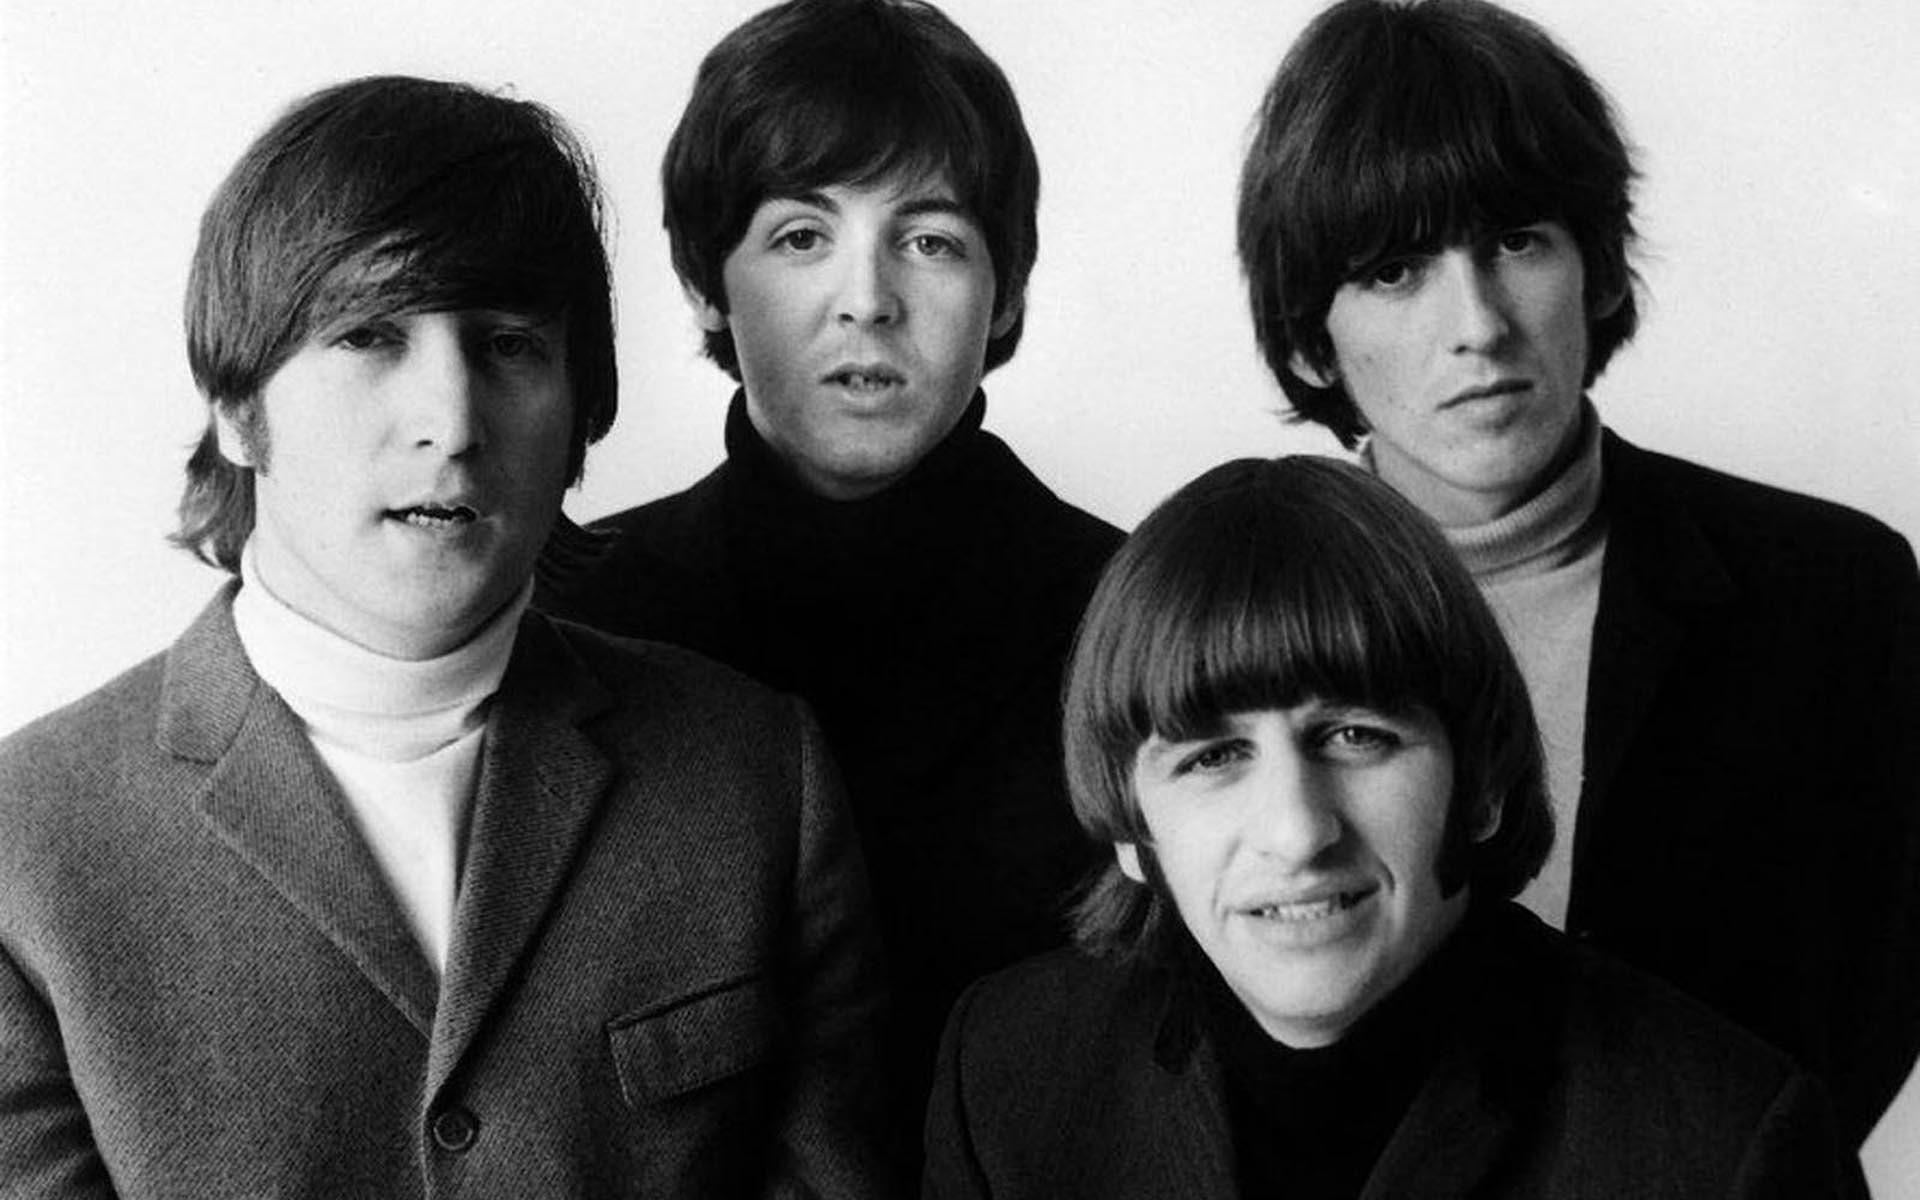 Beatles Wallpaper 1 Download Free Amazing Wallpapers For Desktop